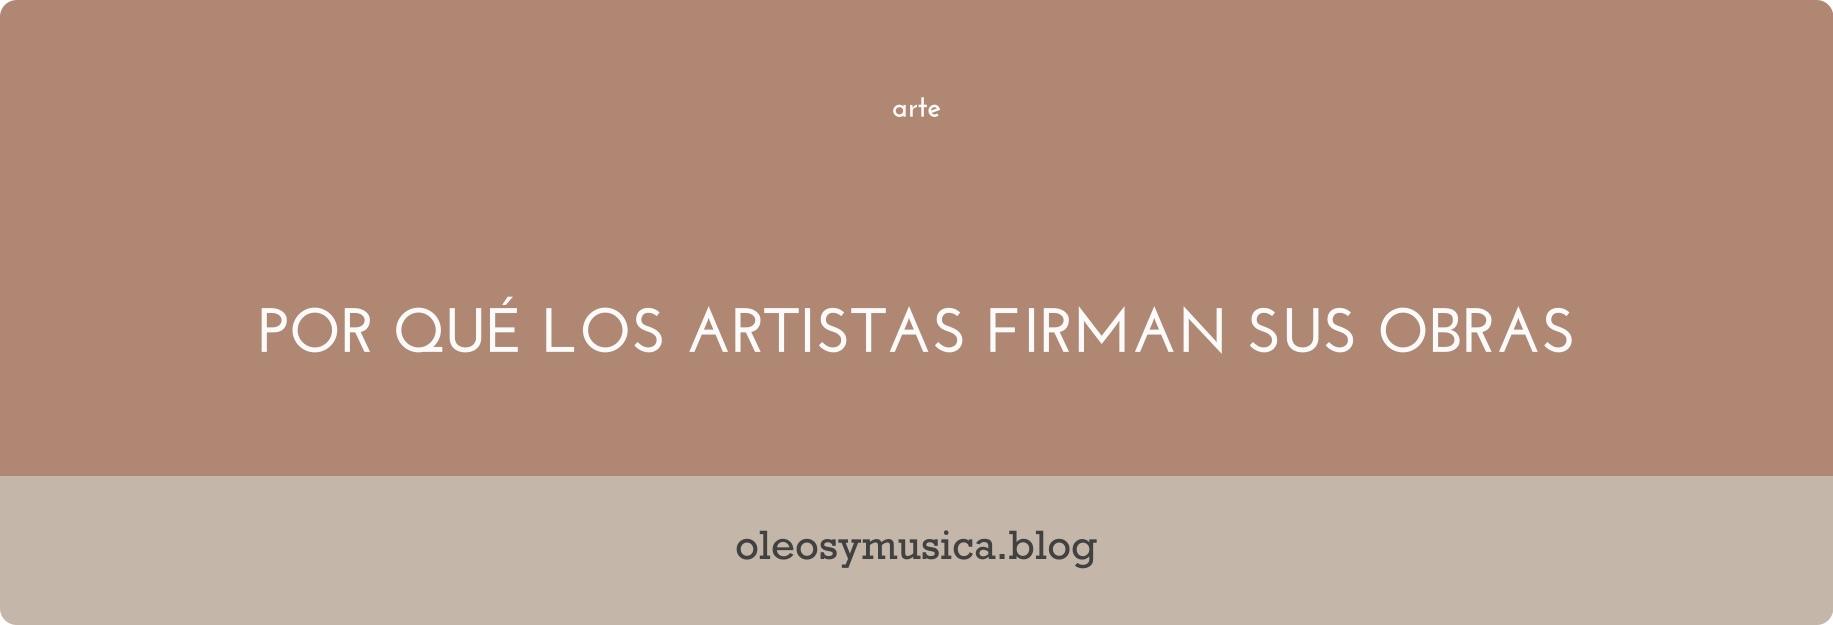 firma obras de arte - oleos y musica